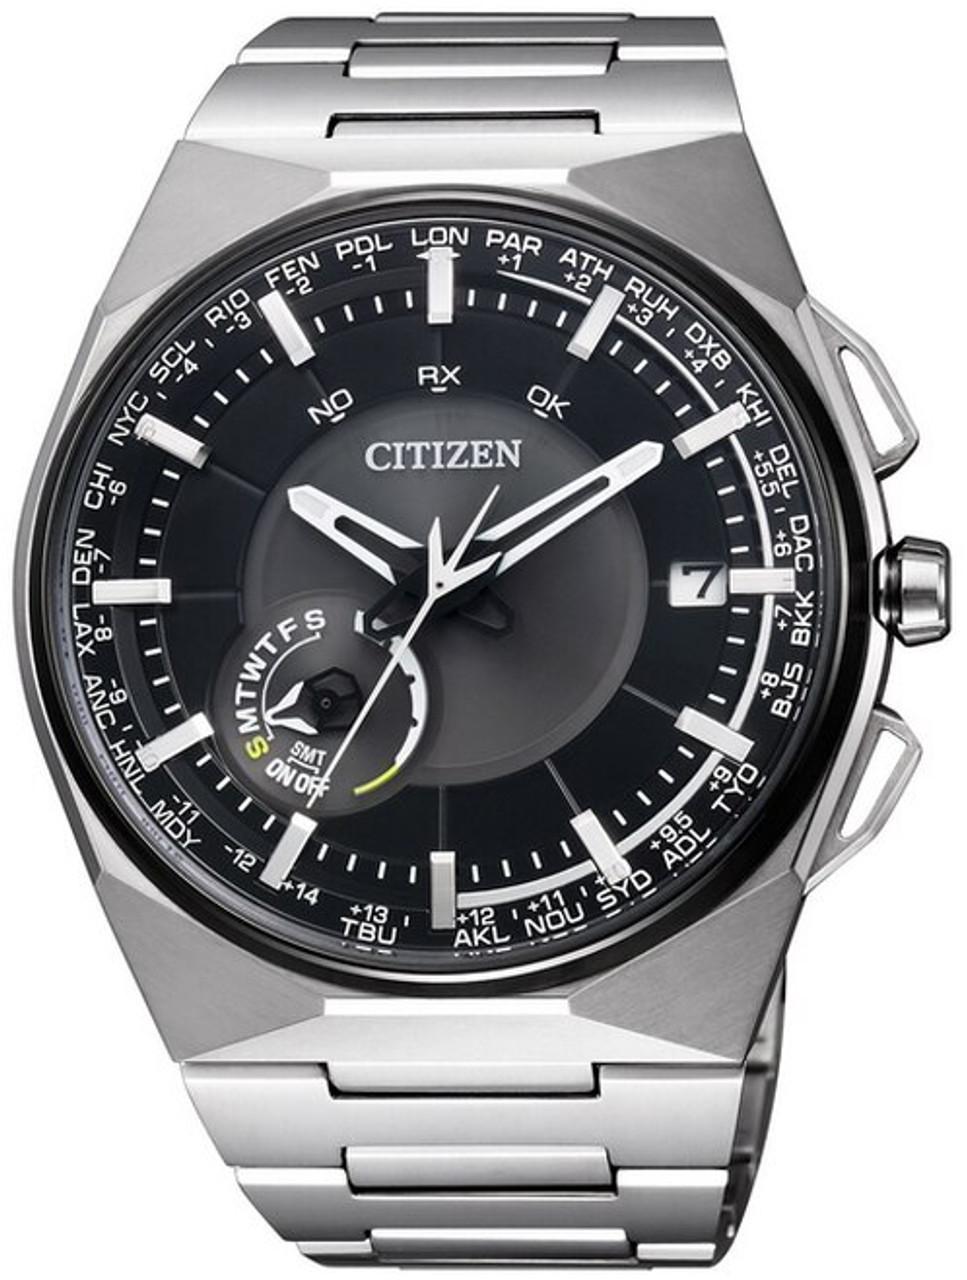 Citizen F100 Satellite Wave GPS CC2006-53E